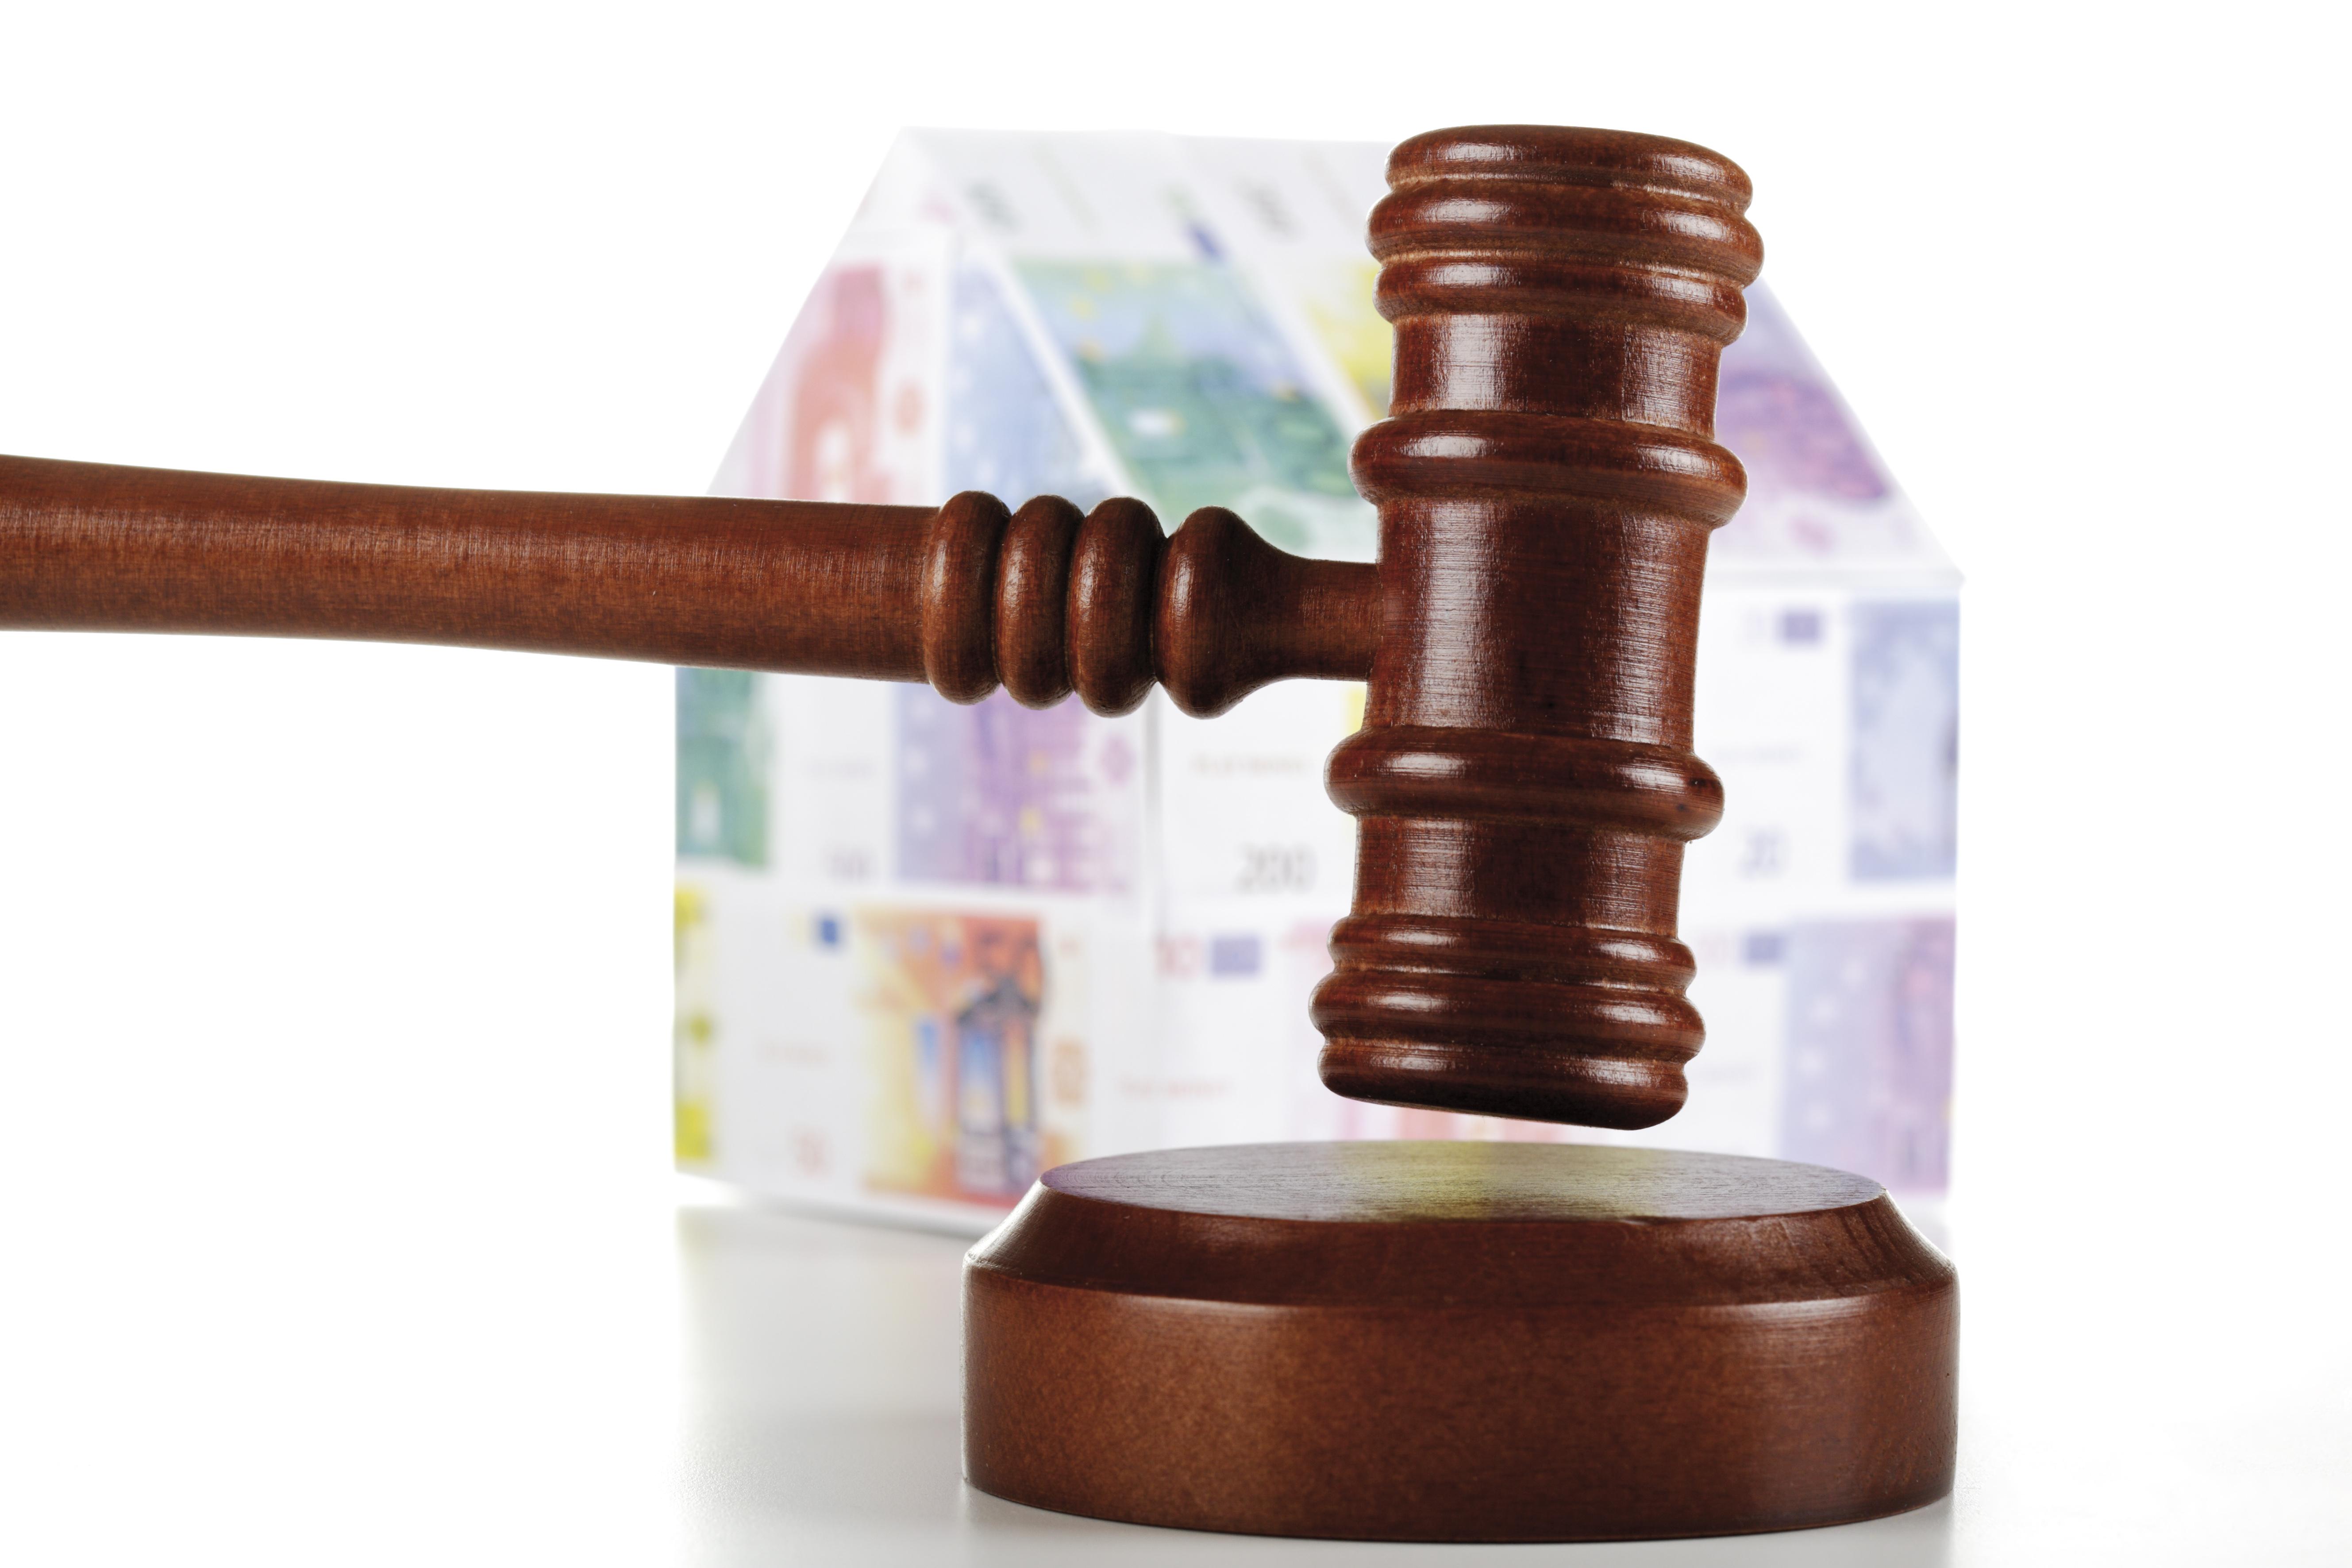 el negocio del subastero, en peligro por la posibilidad de pausasr los desahucios